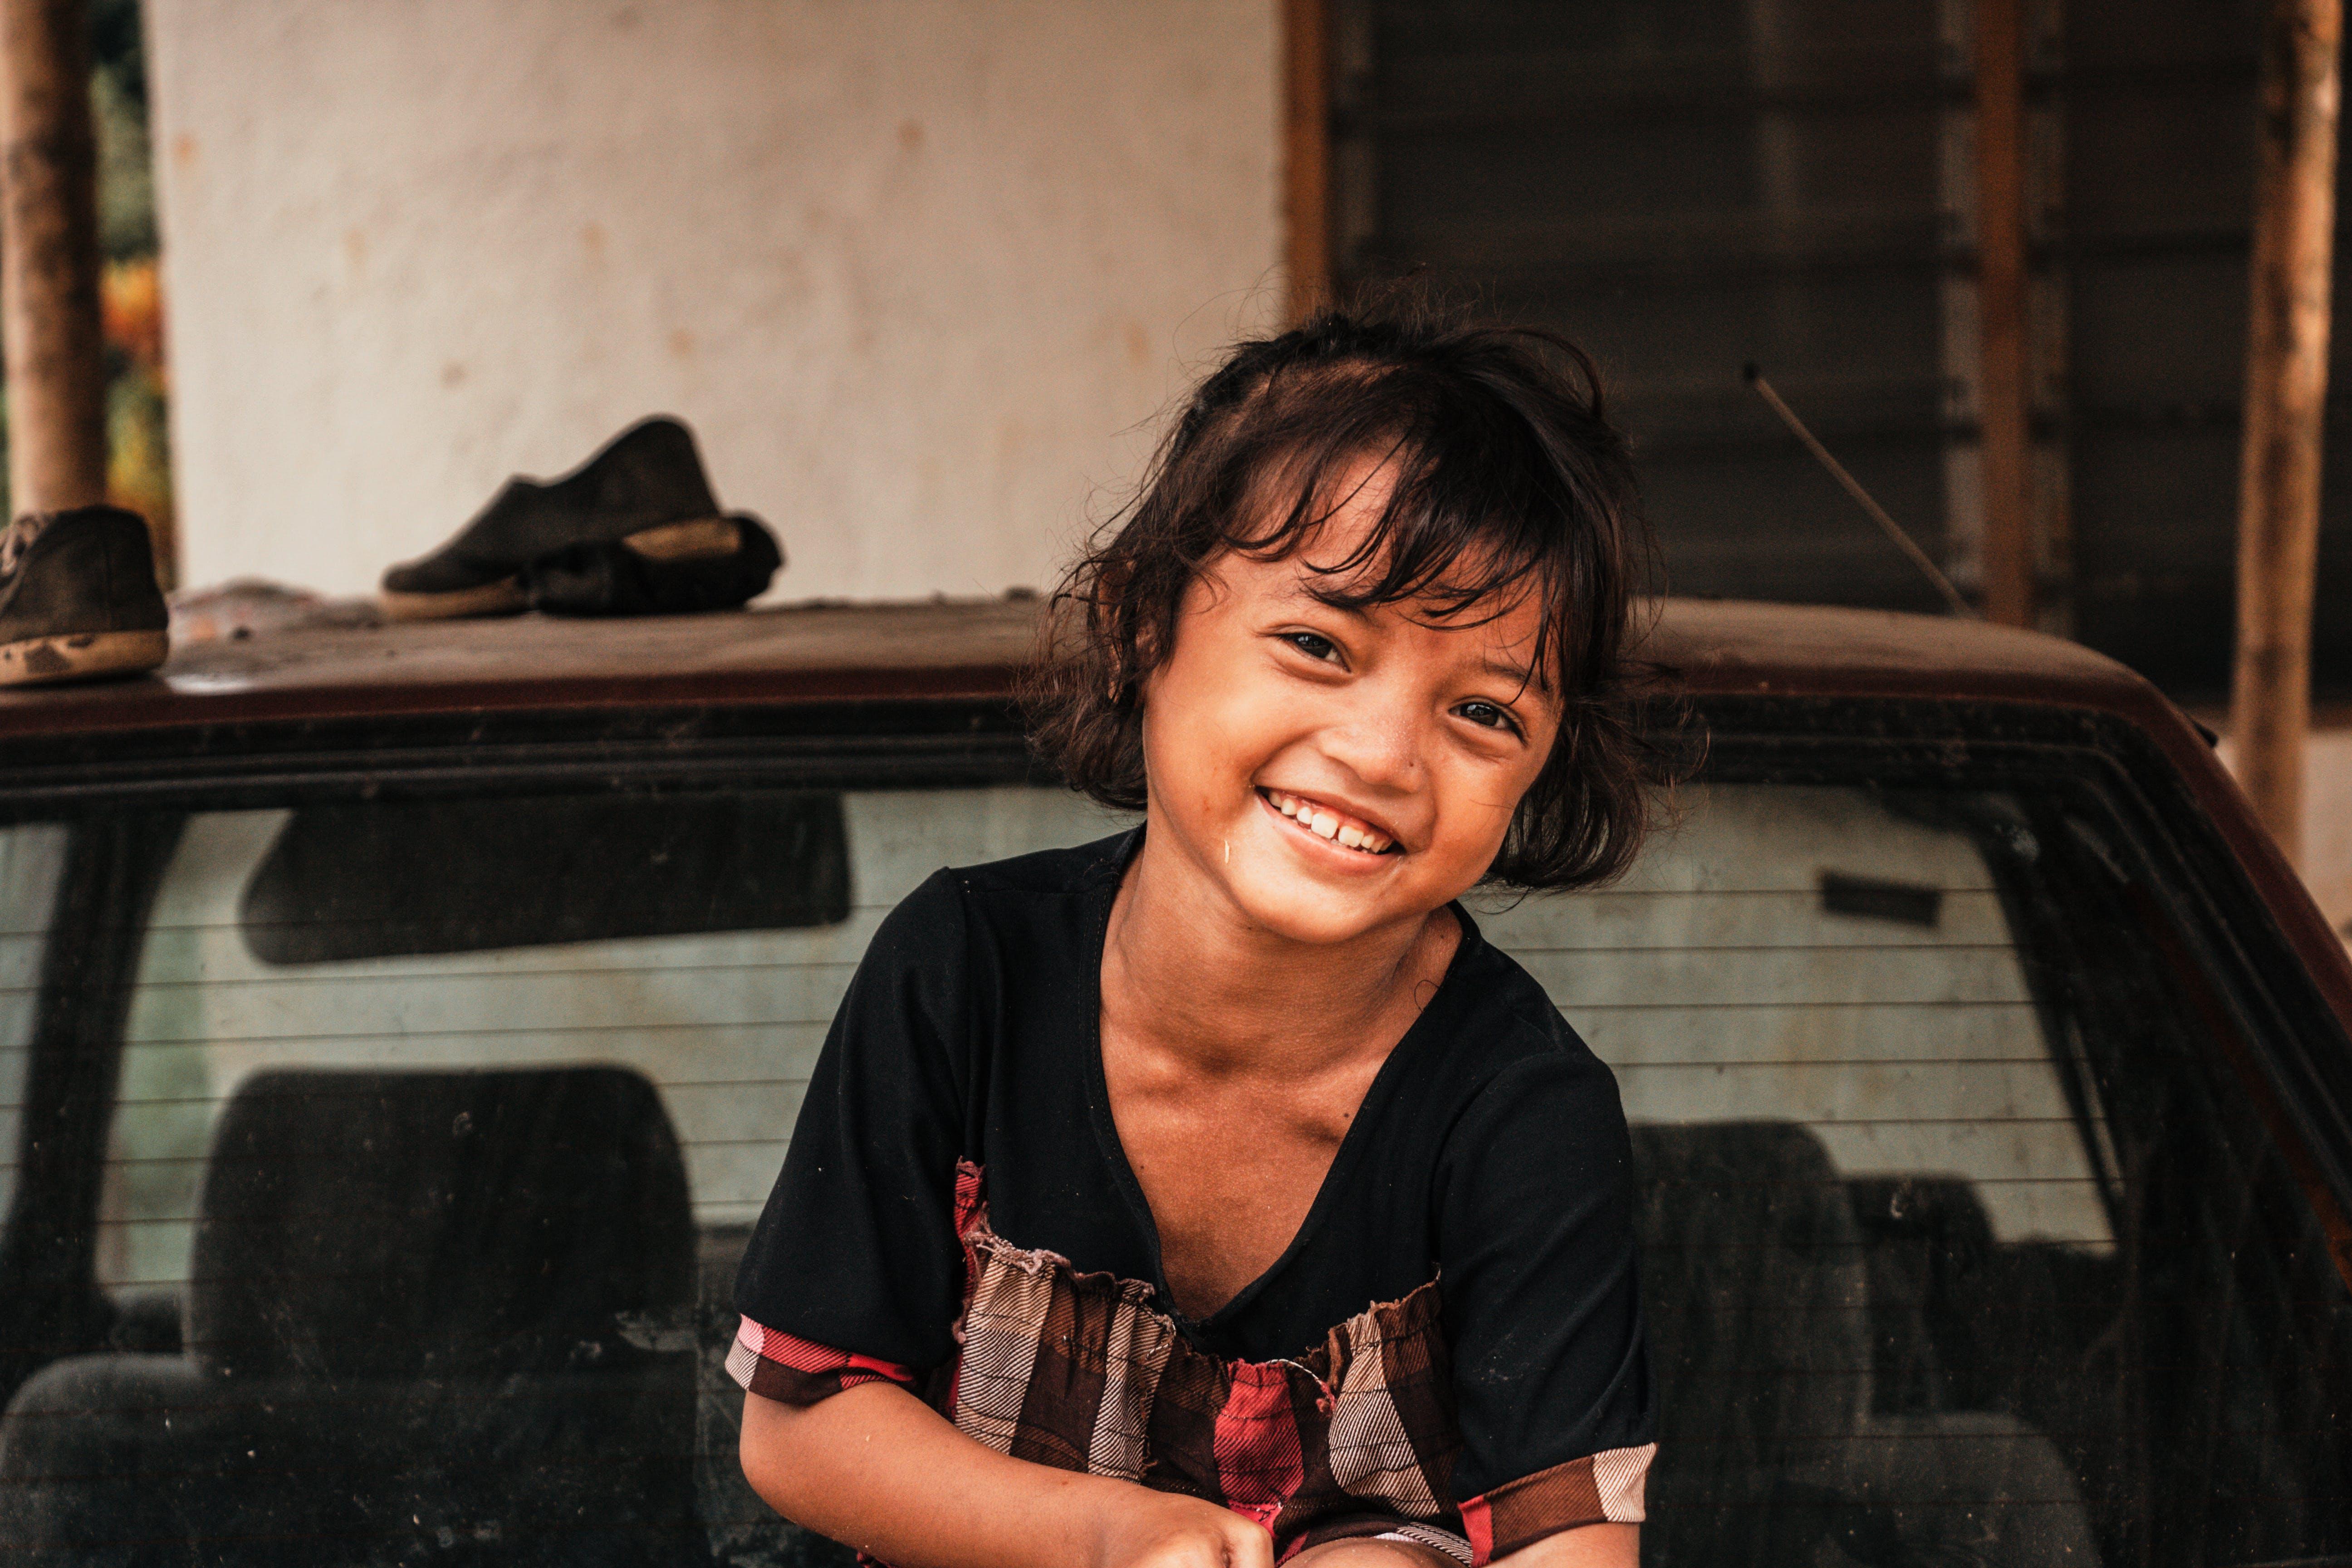 亞洲女孩, 亞洲小孩, 兒童, 坐 的 免费素材照片